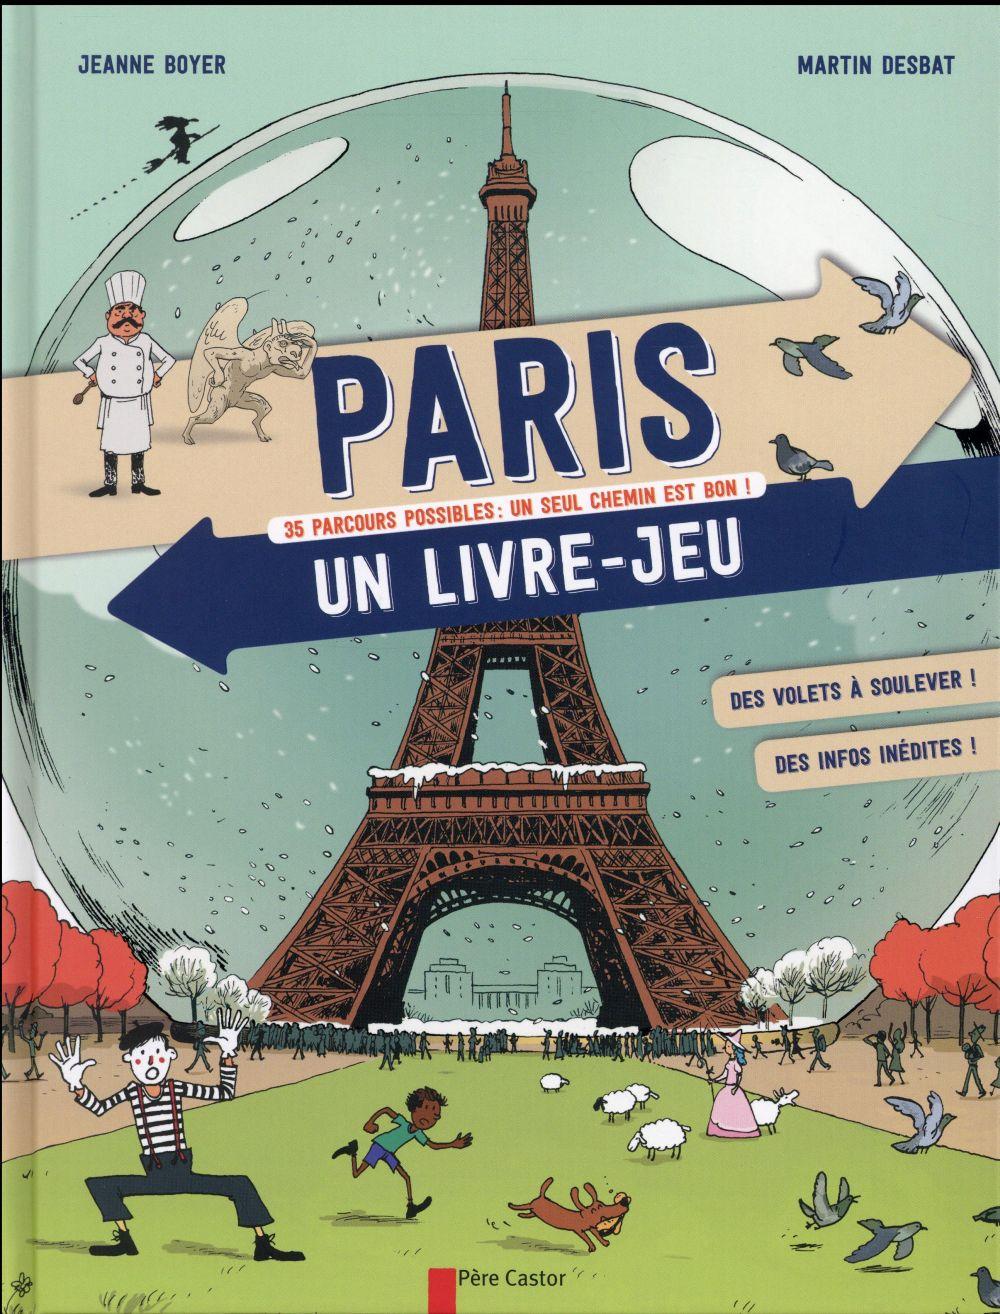 PARIS, UN LIVRE-JEU - 35 PARCOURS POSSIBLES : UN SEUL CHEMIN EST BON ! DES VOLETS A SOULEVER ! DES I